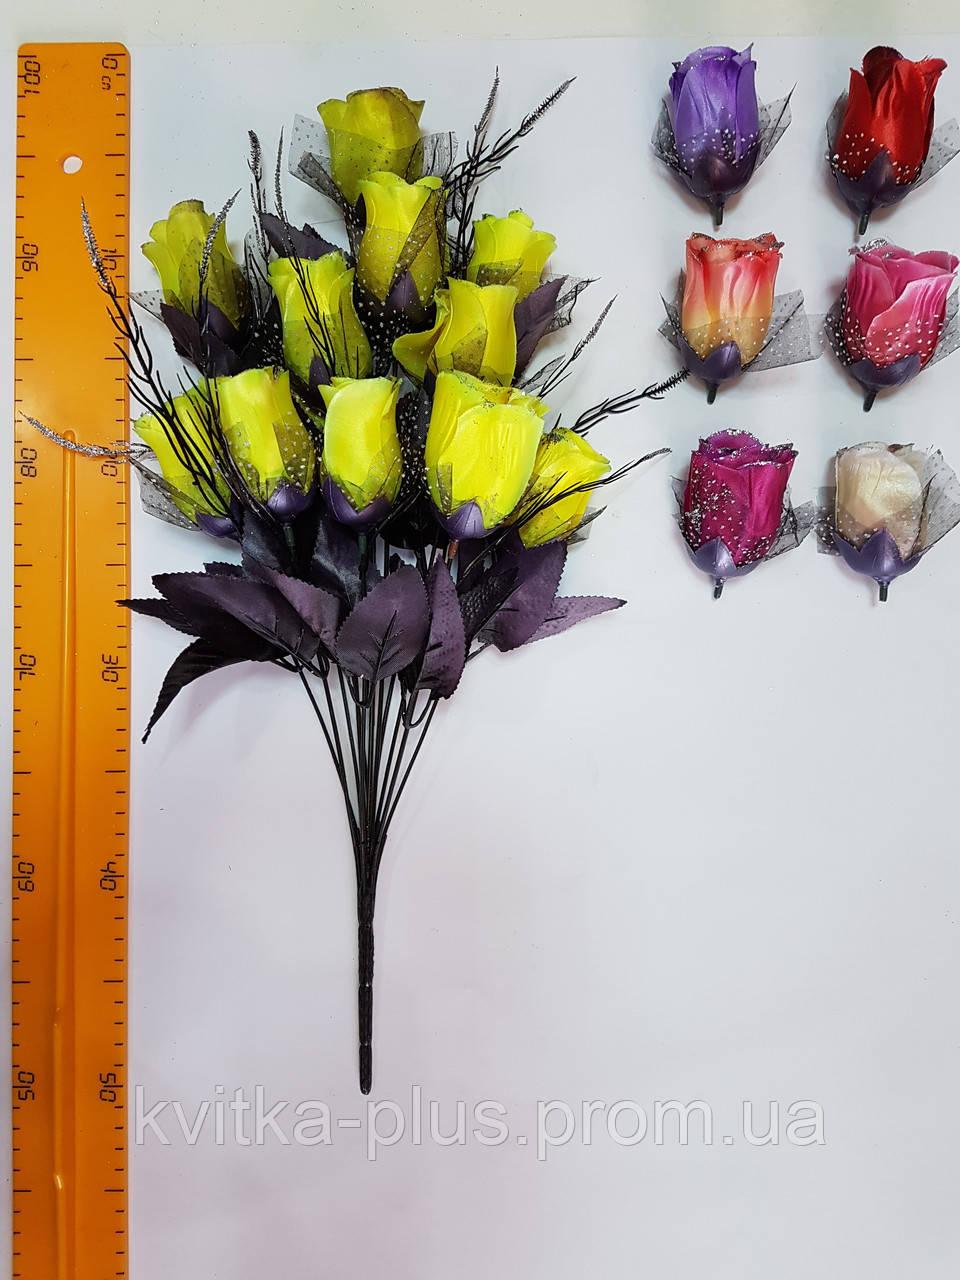 Ритуальные искусственные цветы из китая купить доставка цветов в красноярске круглосуточно